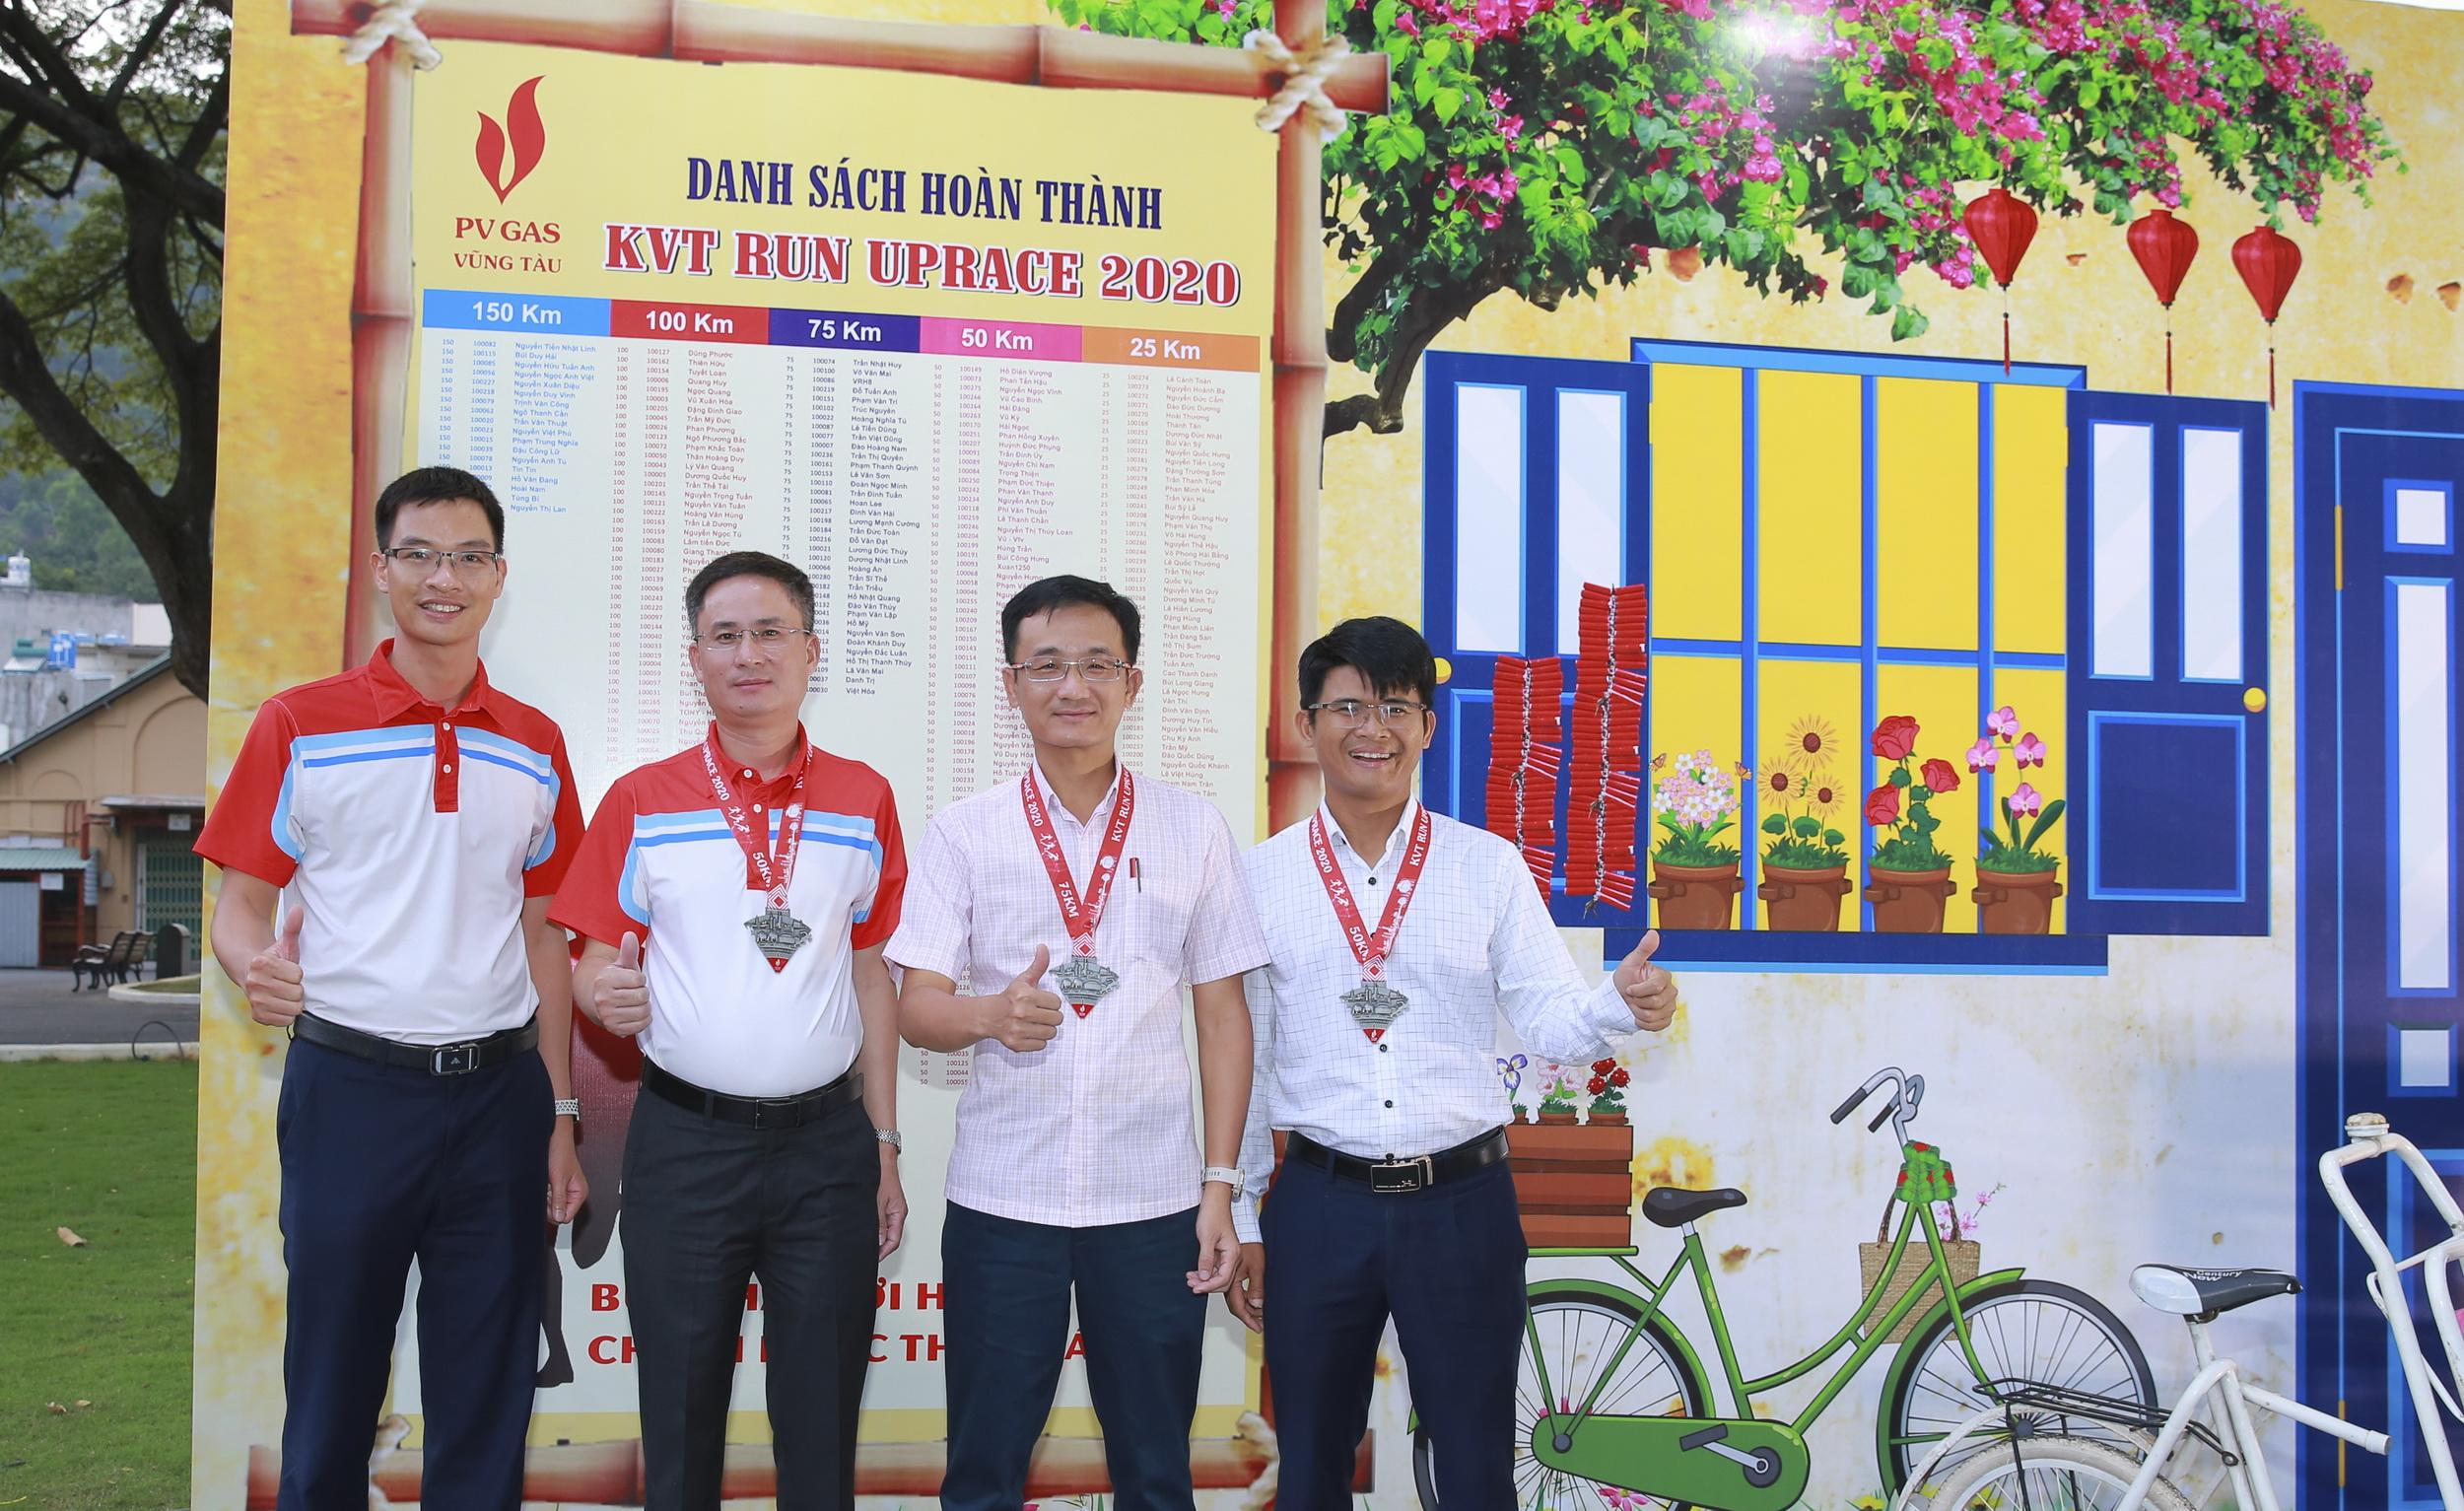 Các lãnh đạo KVT nhận chứng nhận hoàn thành chặng đua 2020